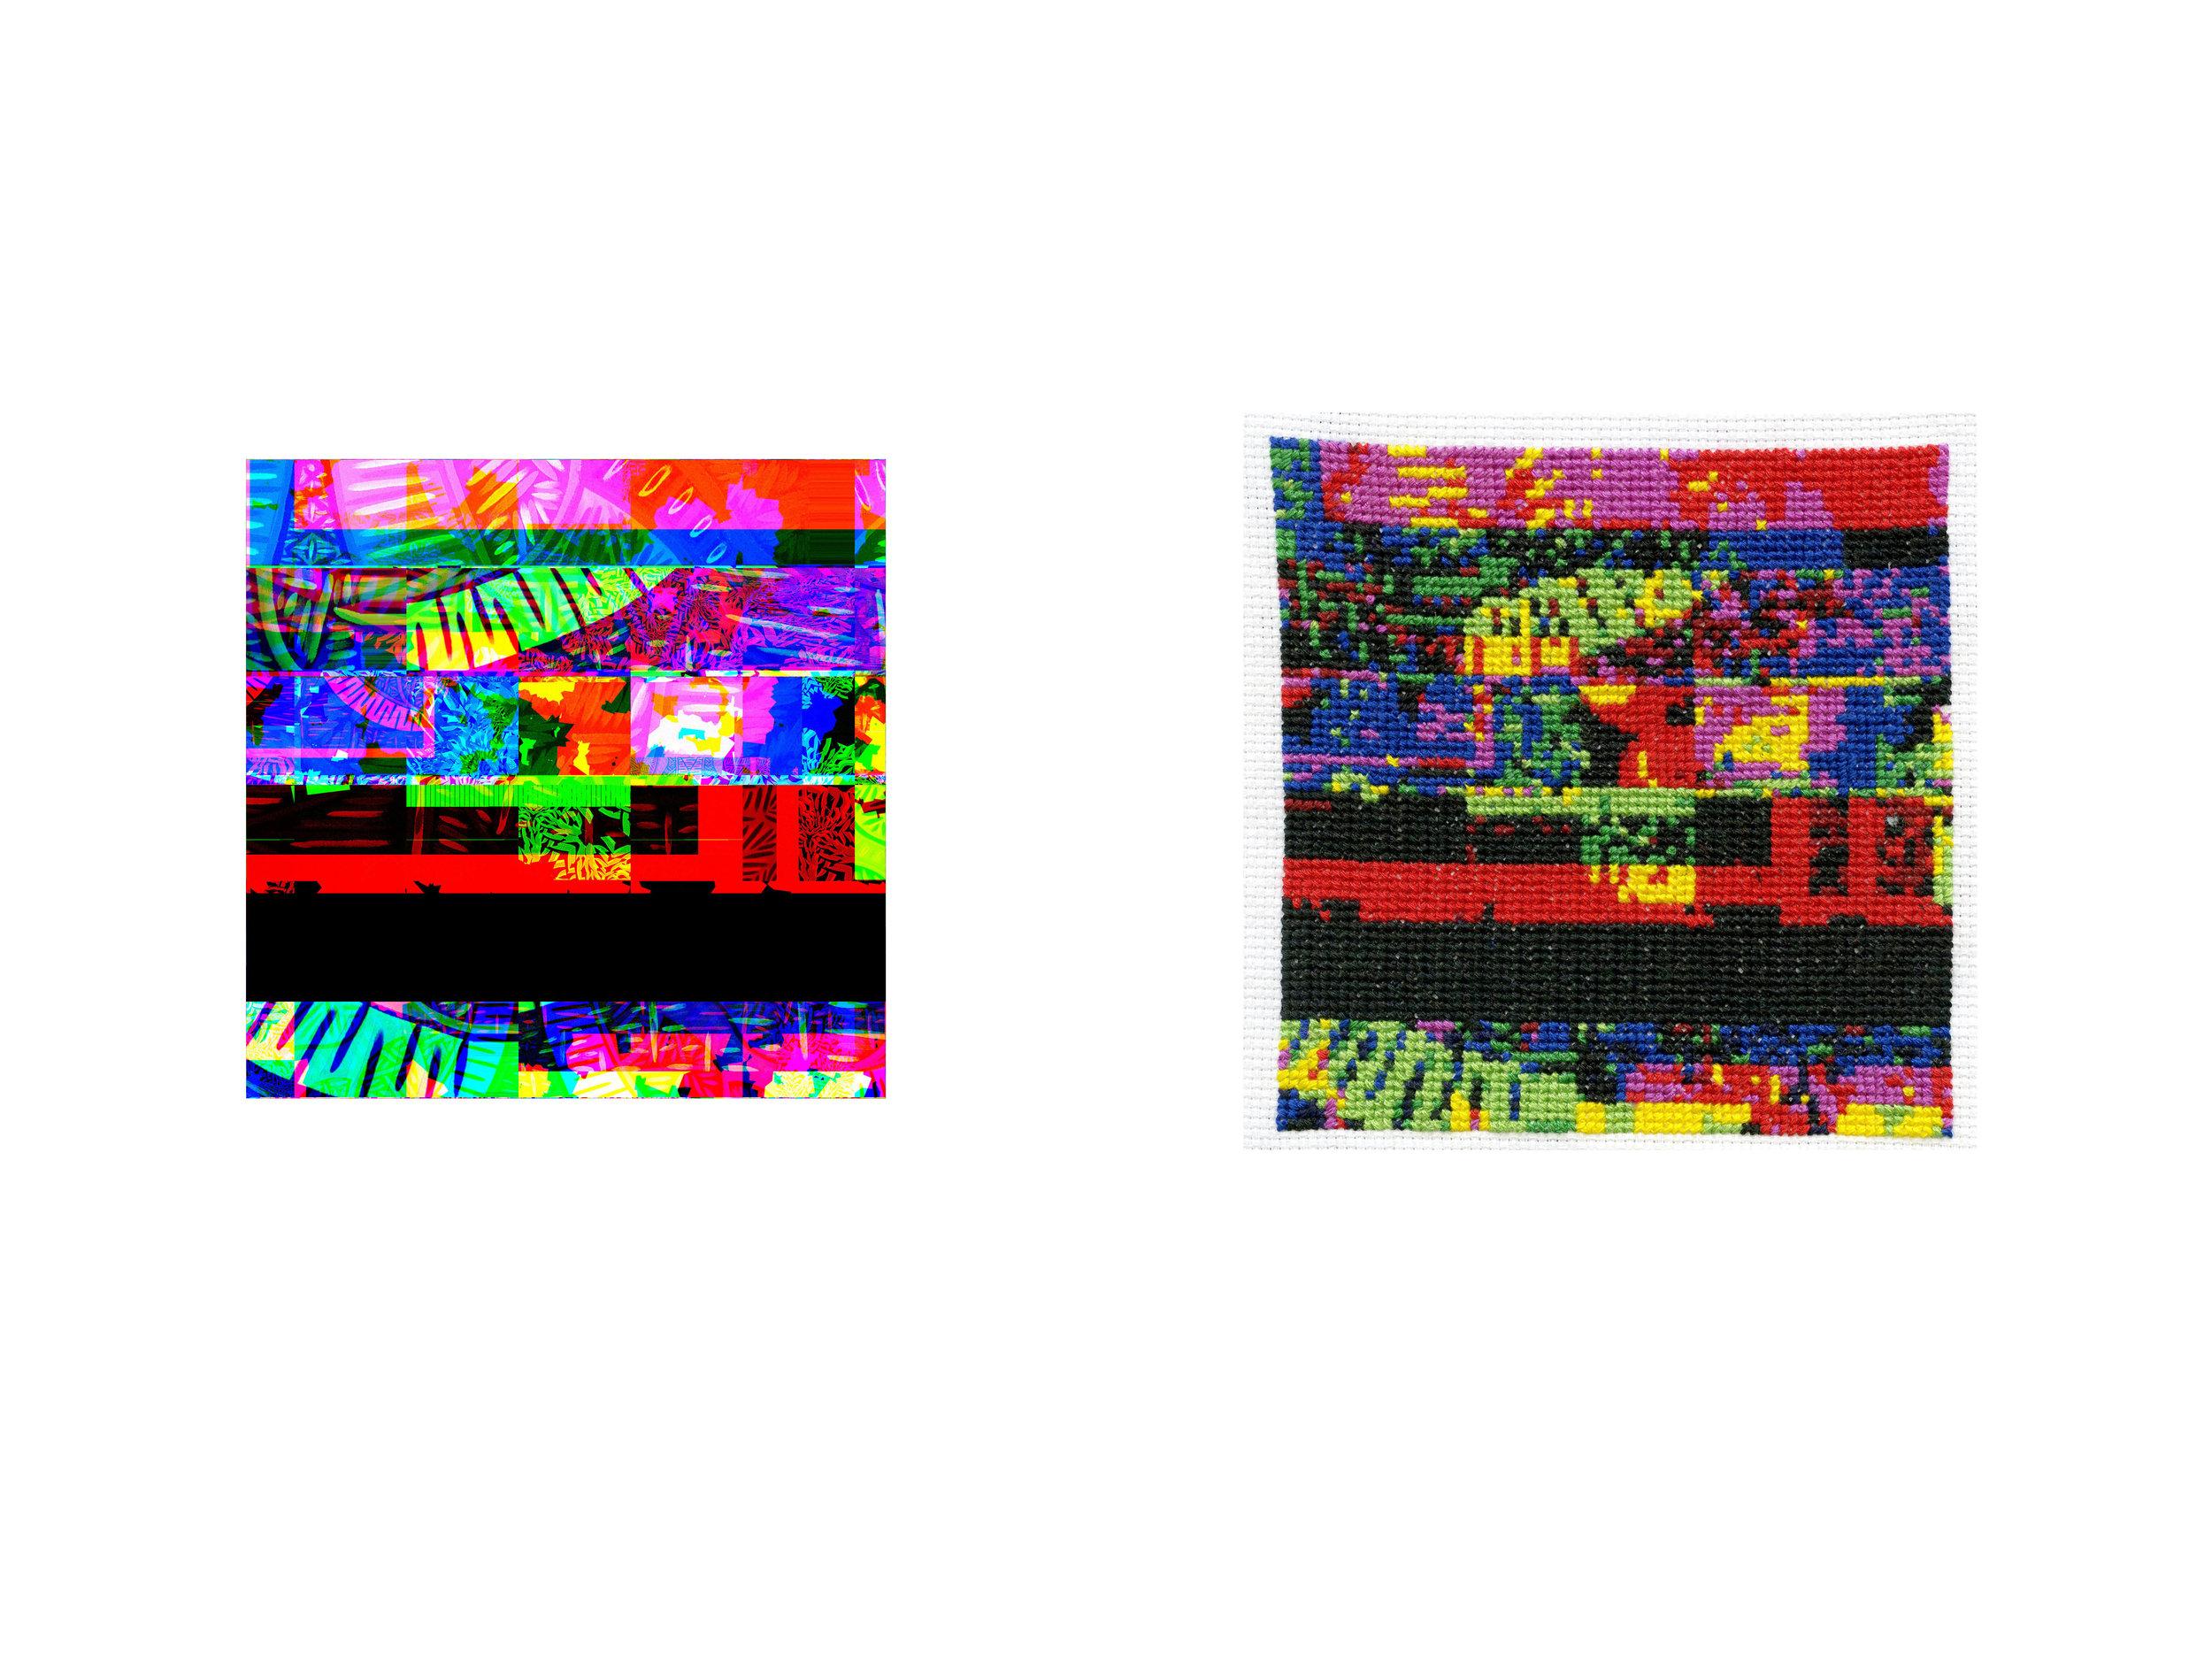 GlitchSeries03 - Crop_4_crop.jpg